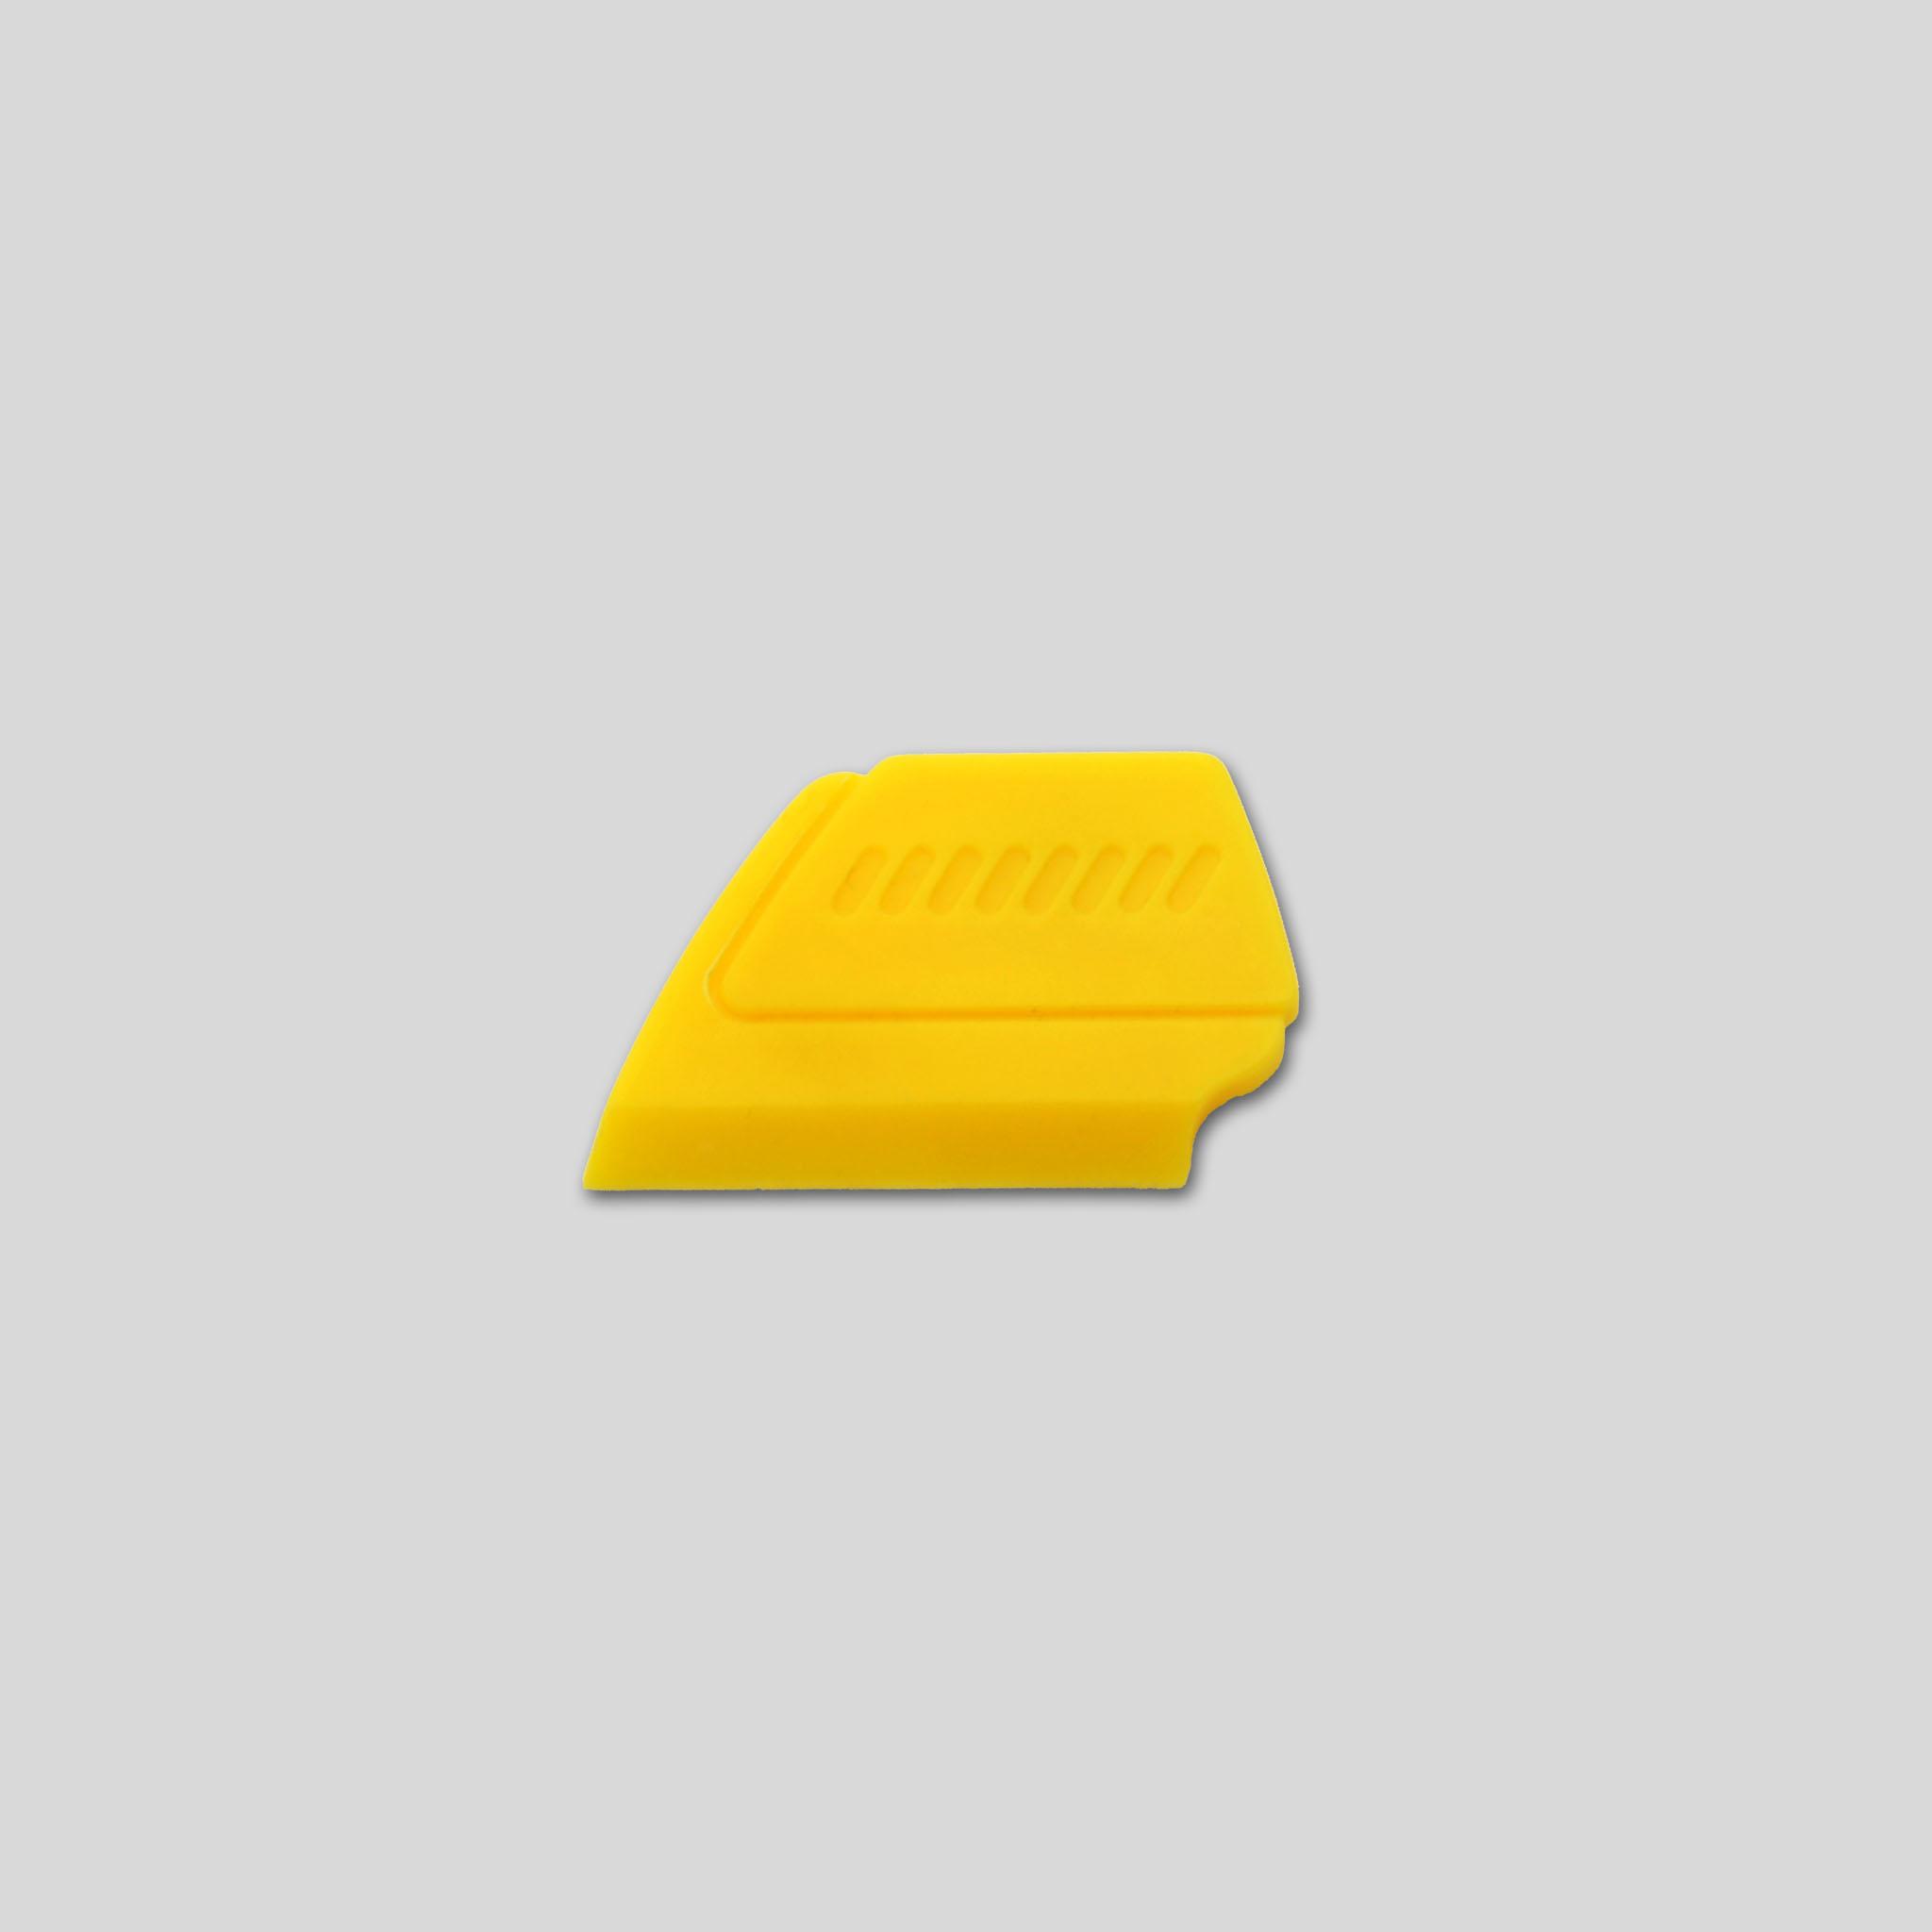 Raspador Plastico MOD 3